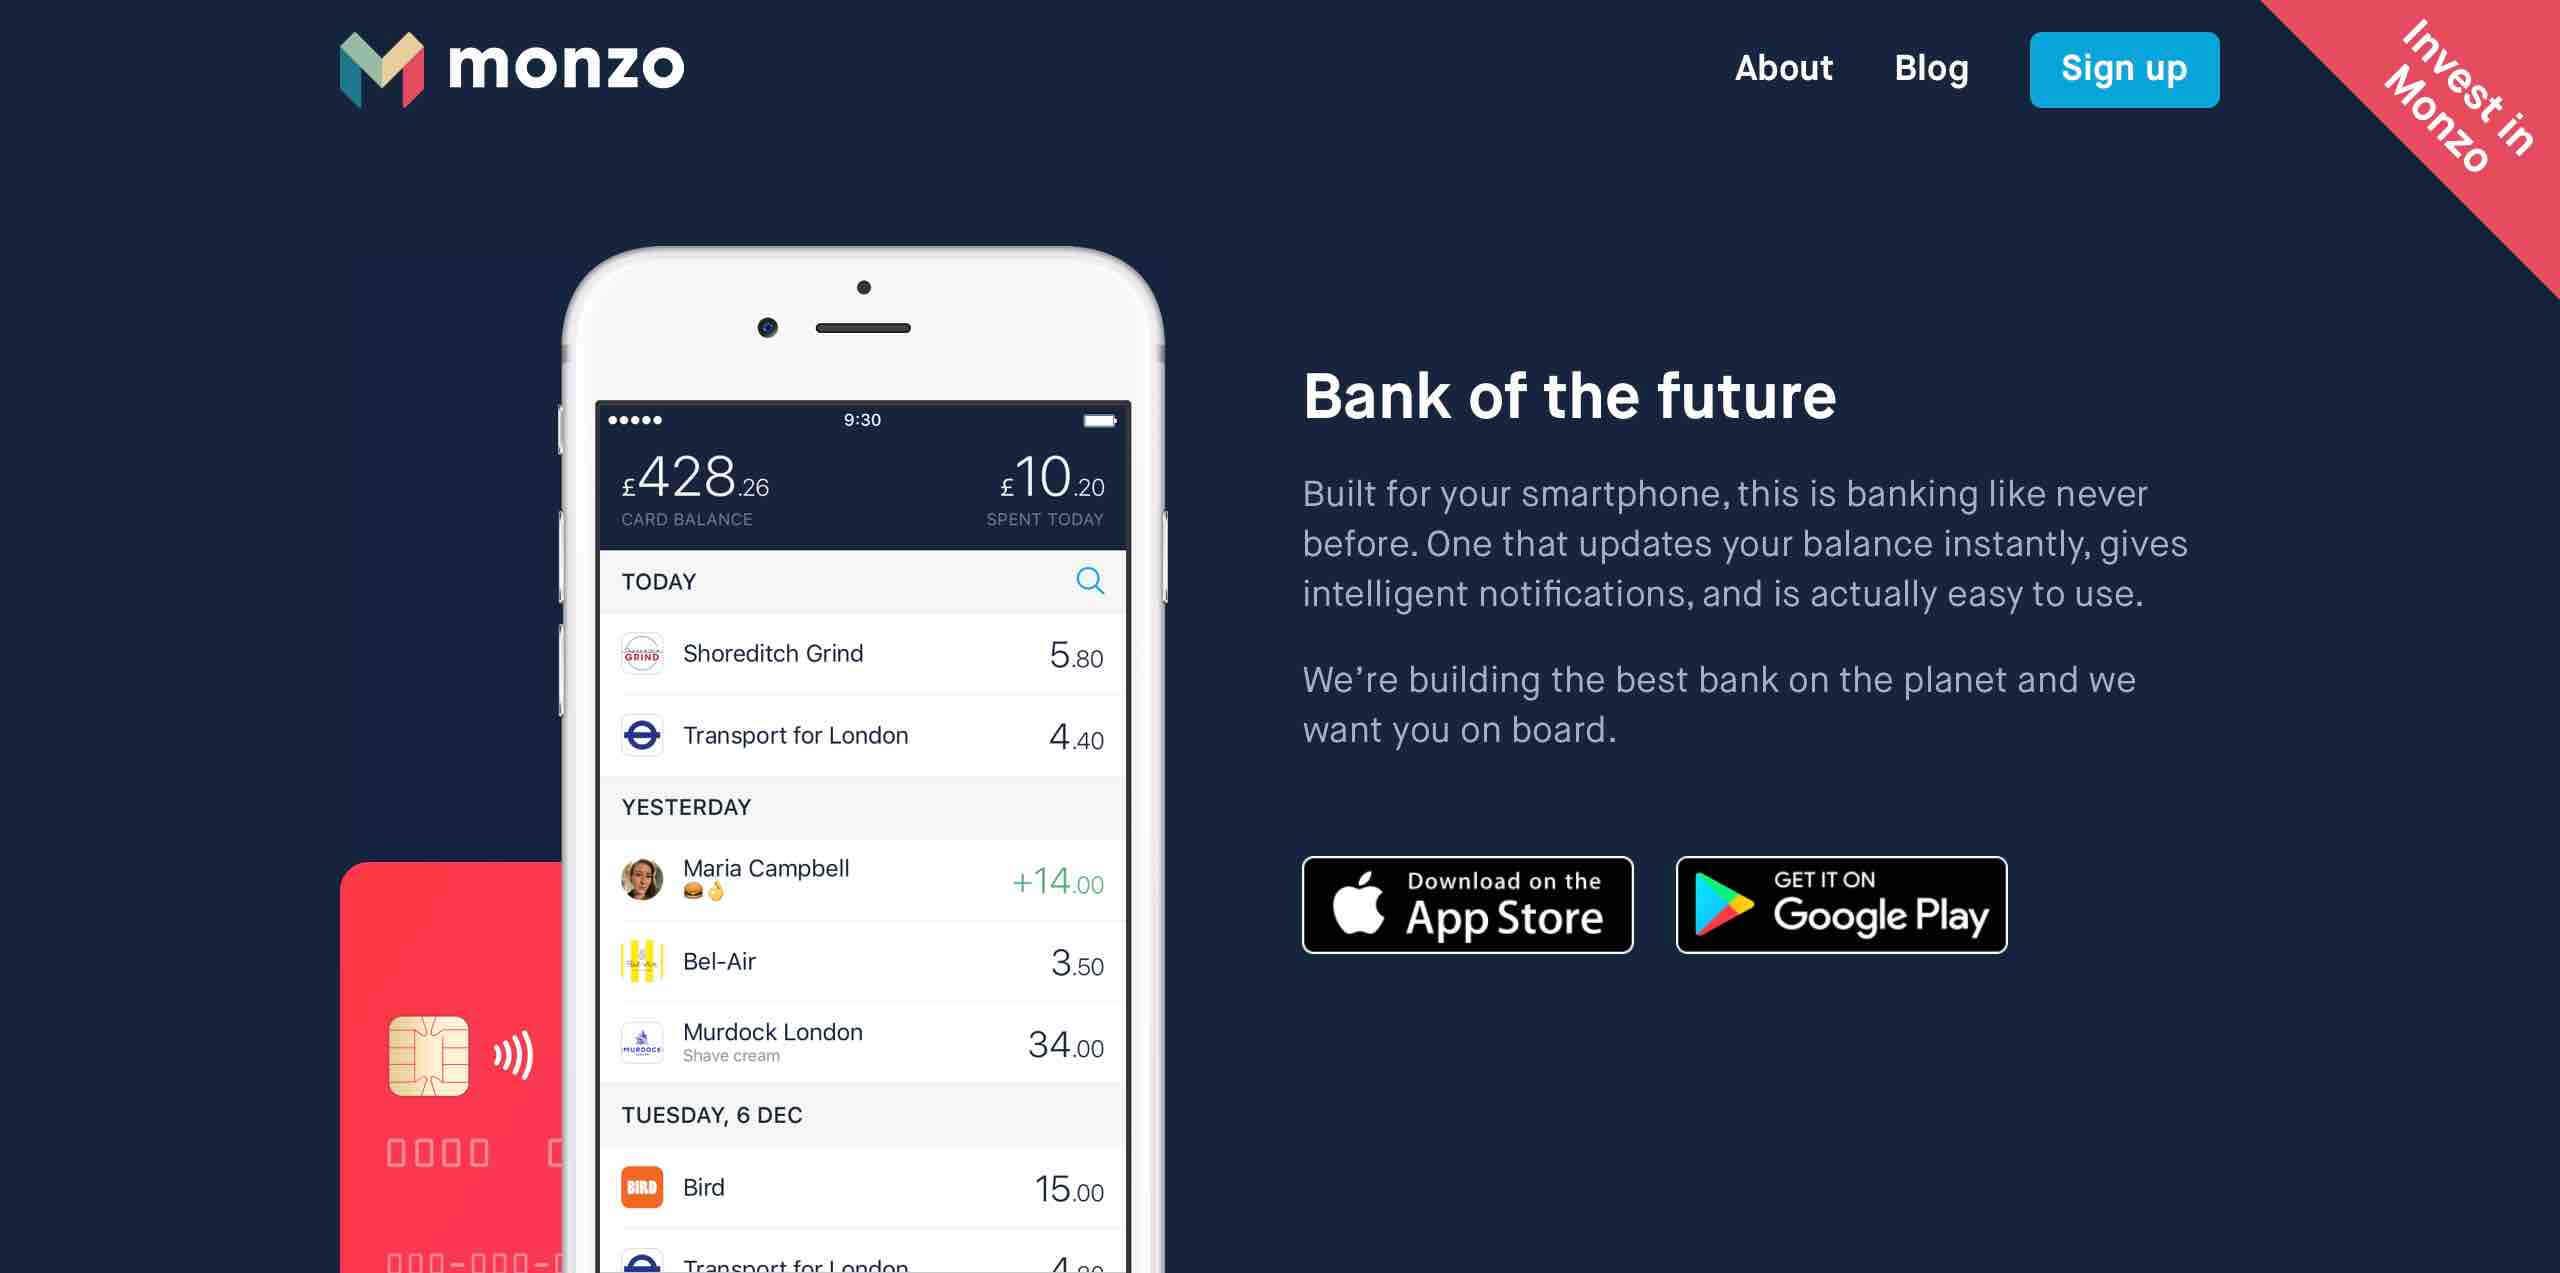 Monzo fintech bank Fintechzone